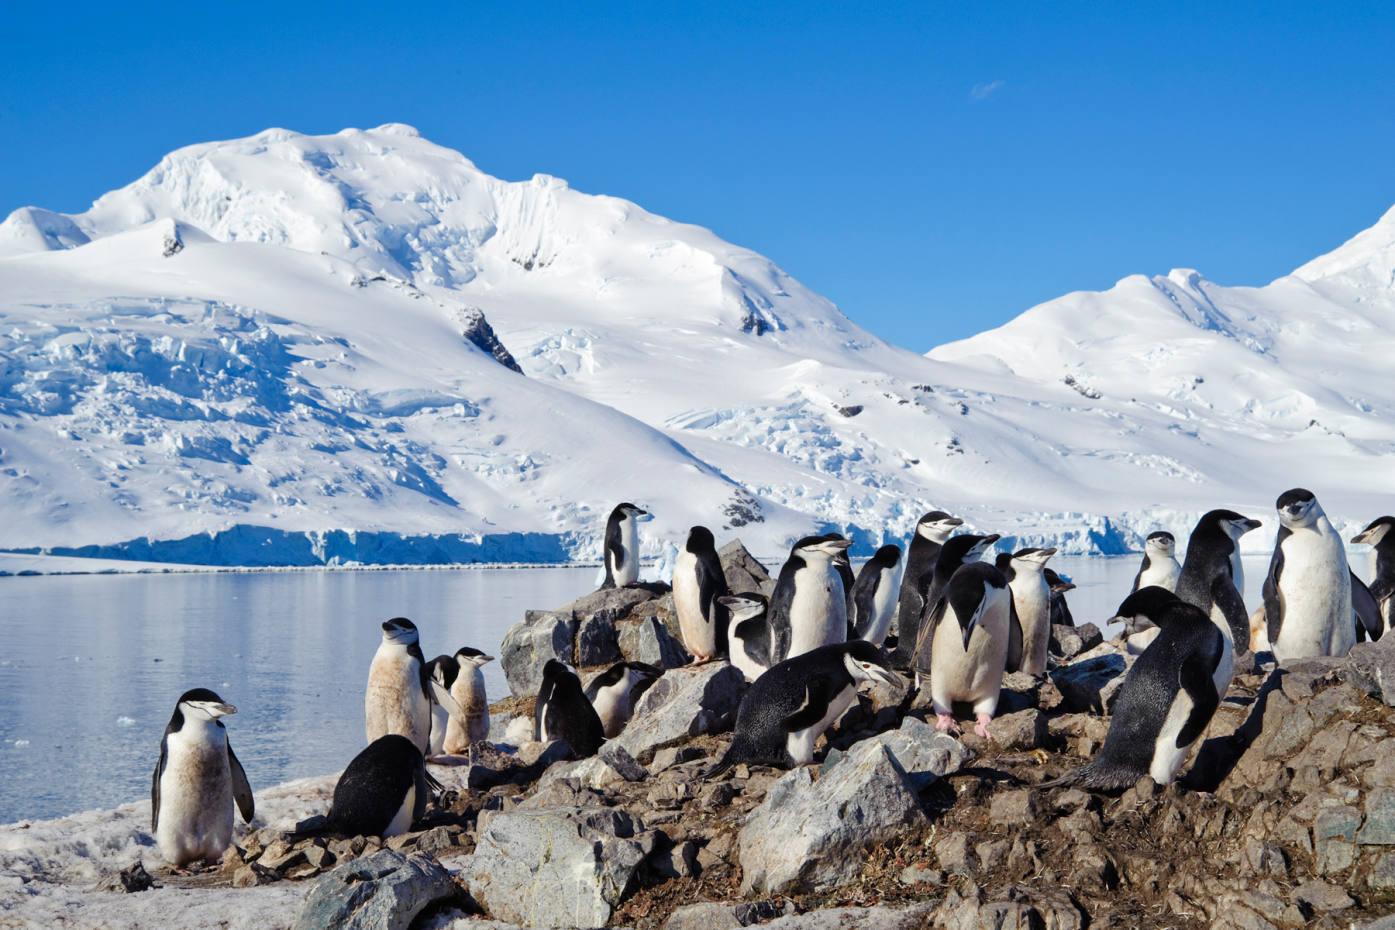 An epic cruise to Antarctica